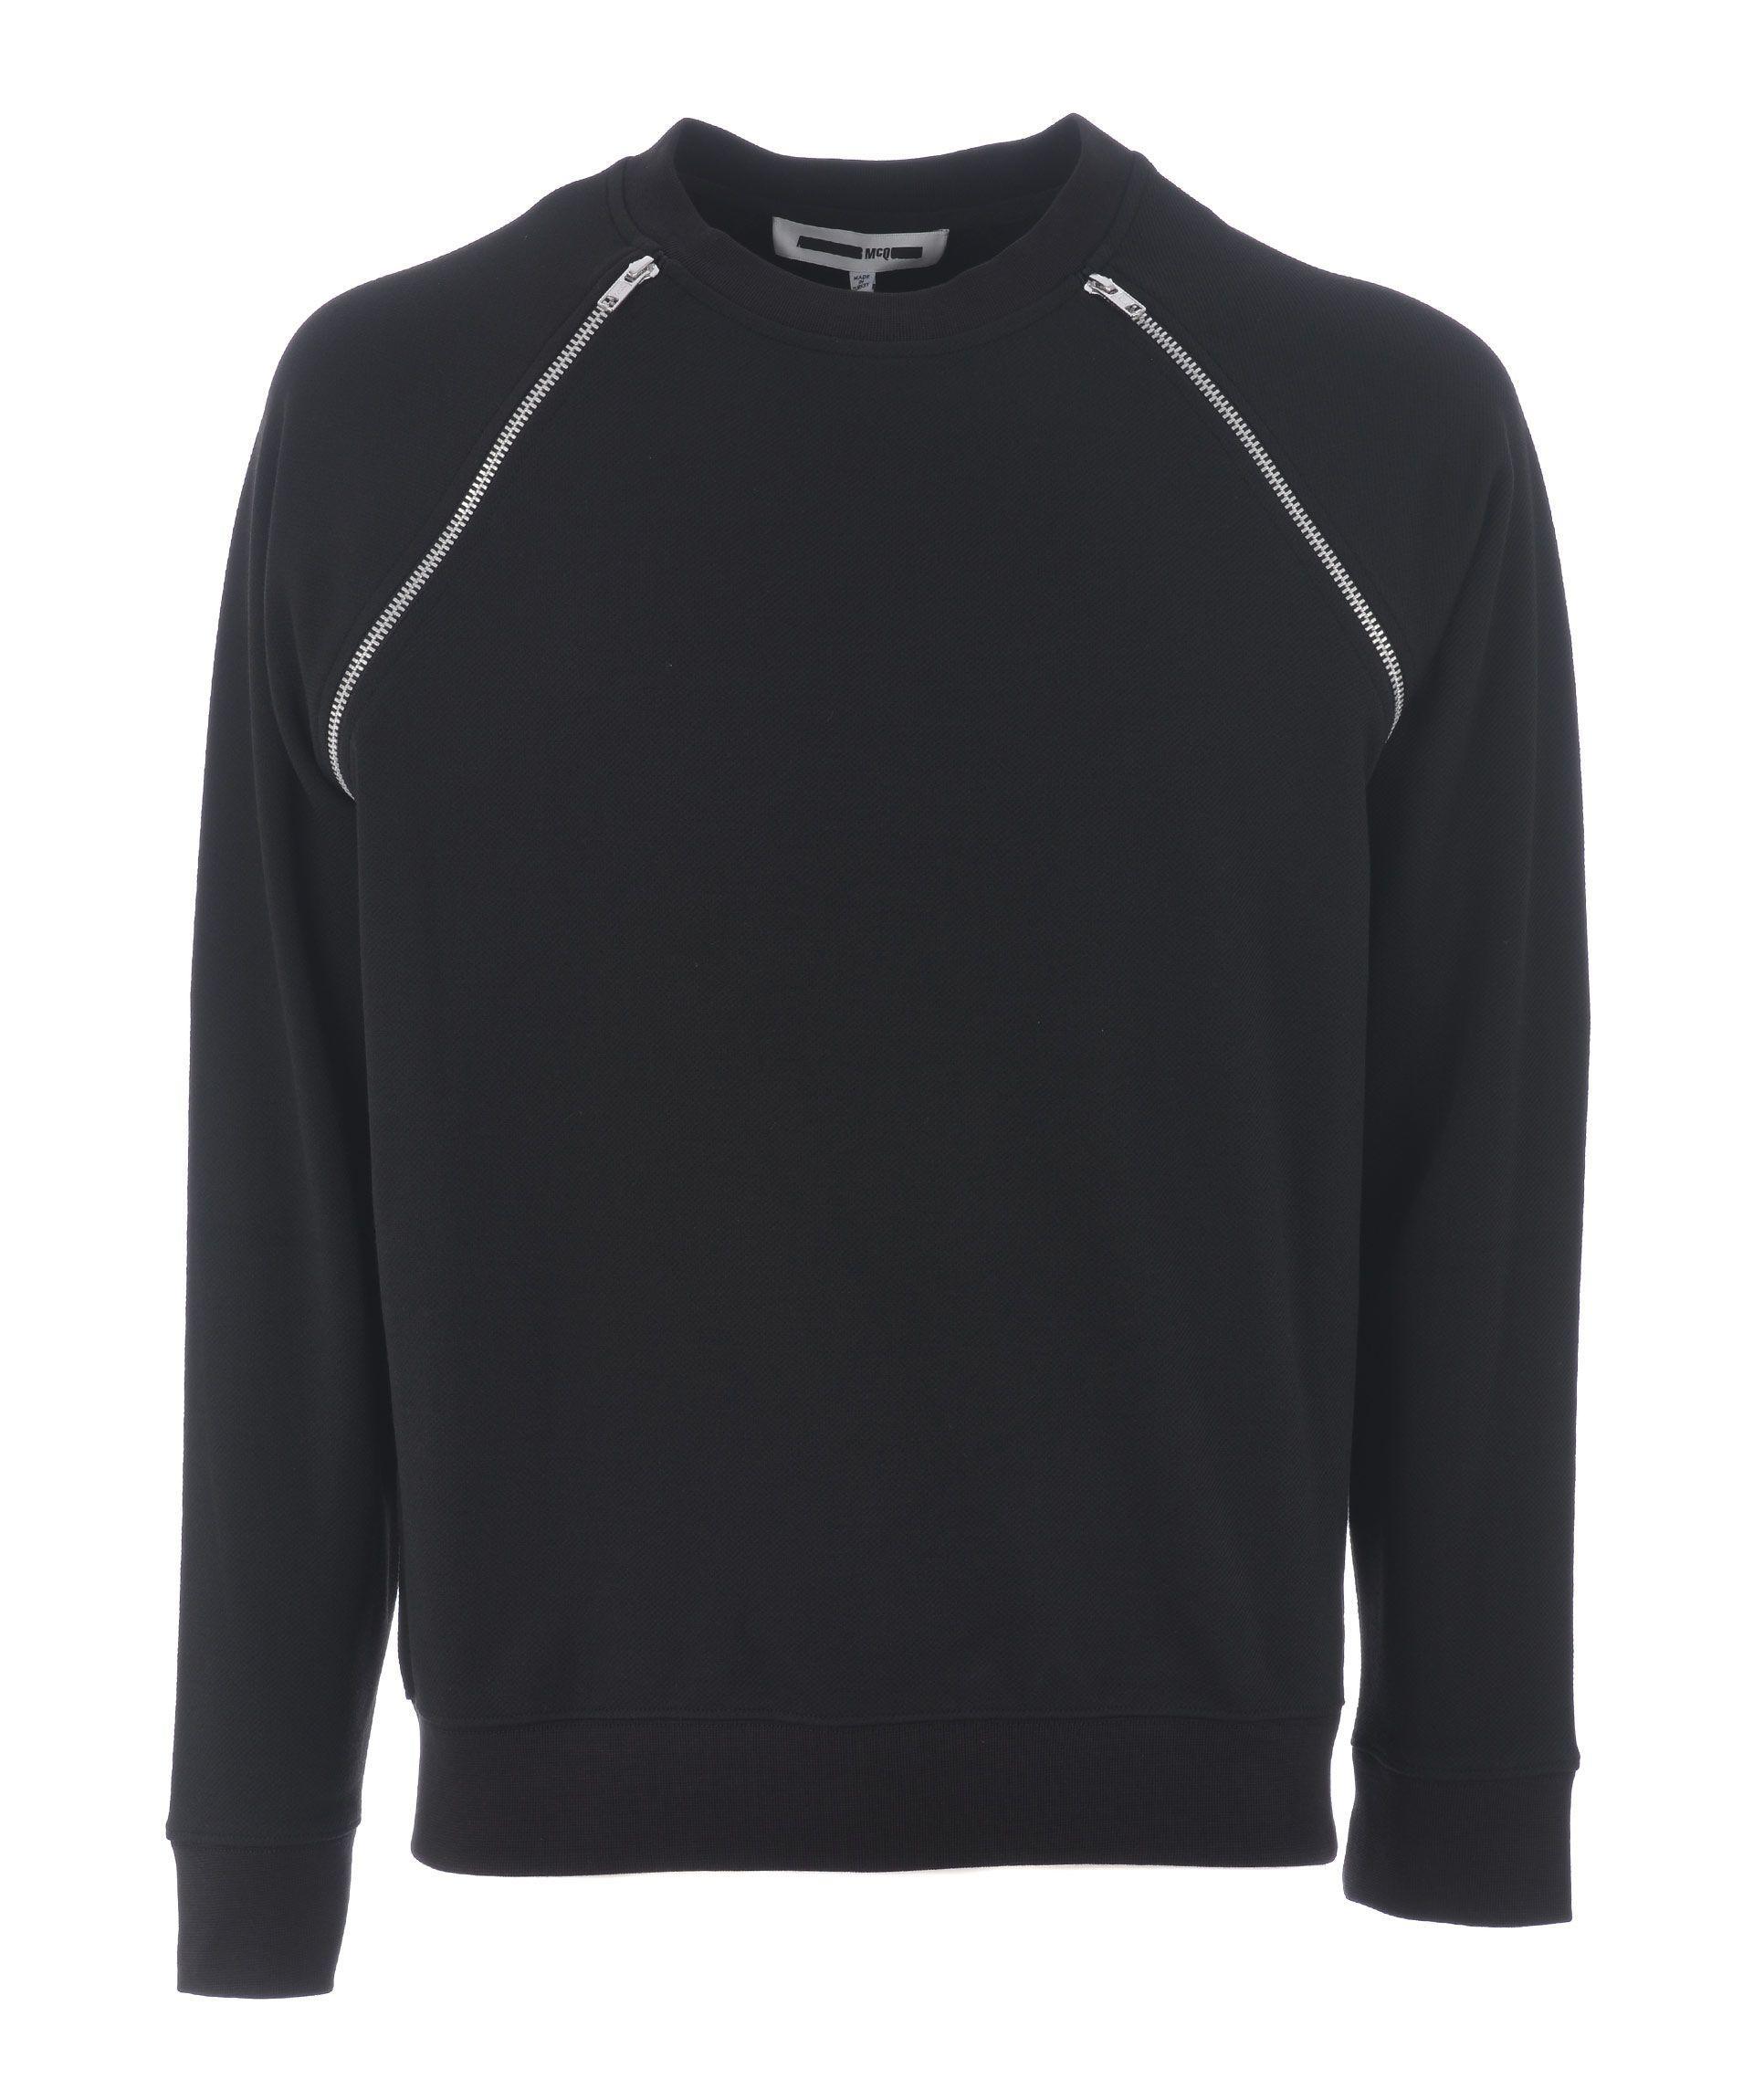 Mcq By Alexander Mcqueen Mcq Alexander Mcqueen Zip Shoulder Sweatshirt In Nero